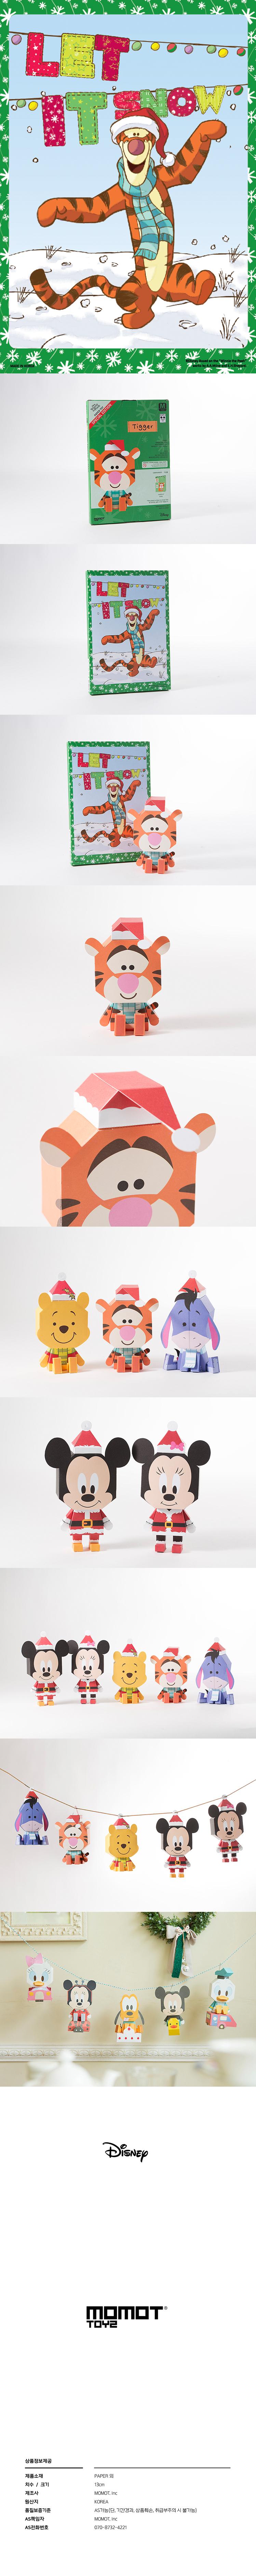 디즈니-티거 윈터 Ver.(M) - 모모트, 10,000원, 페이퍼 토이, 캐릭터